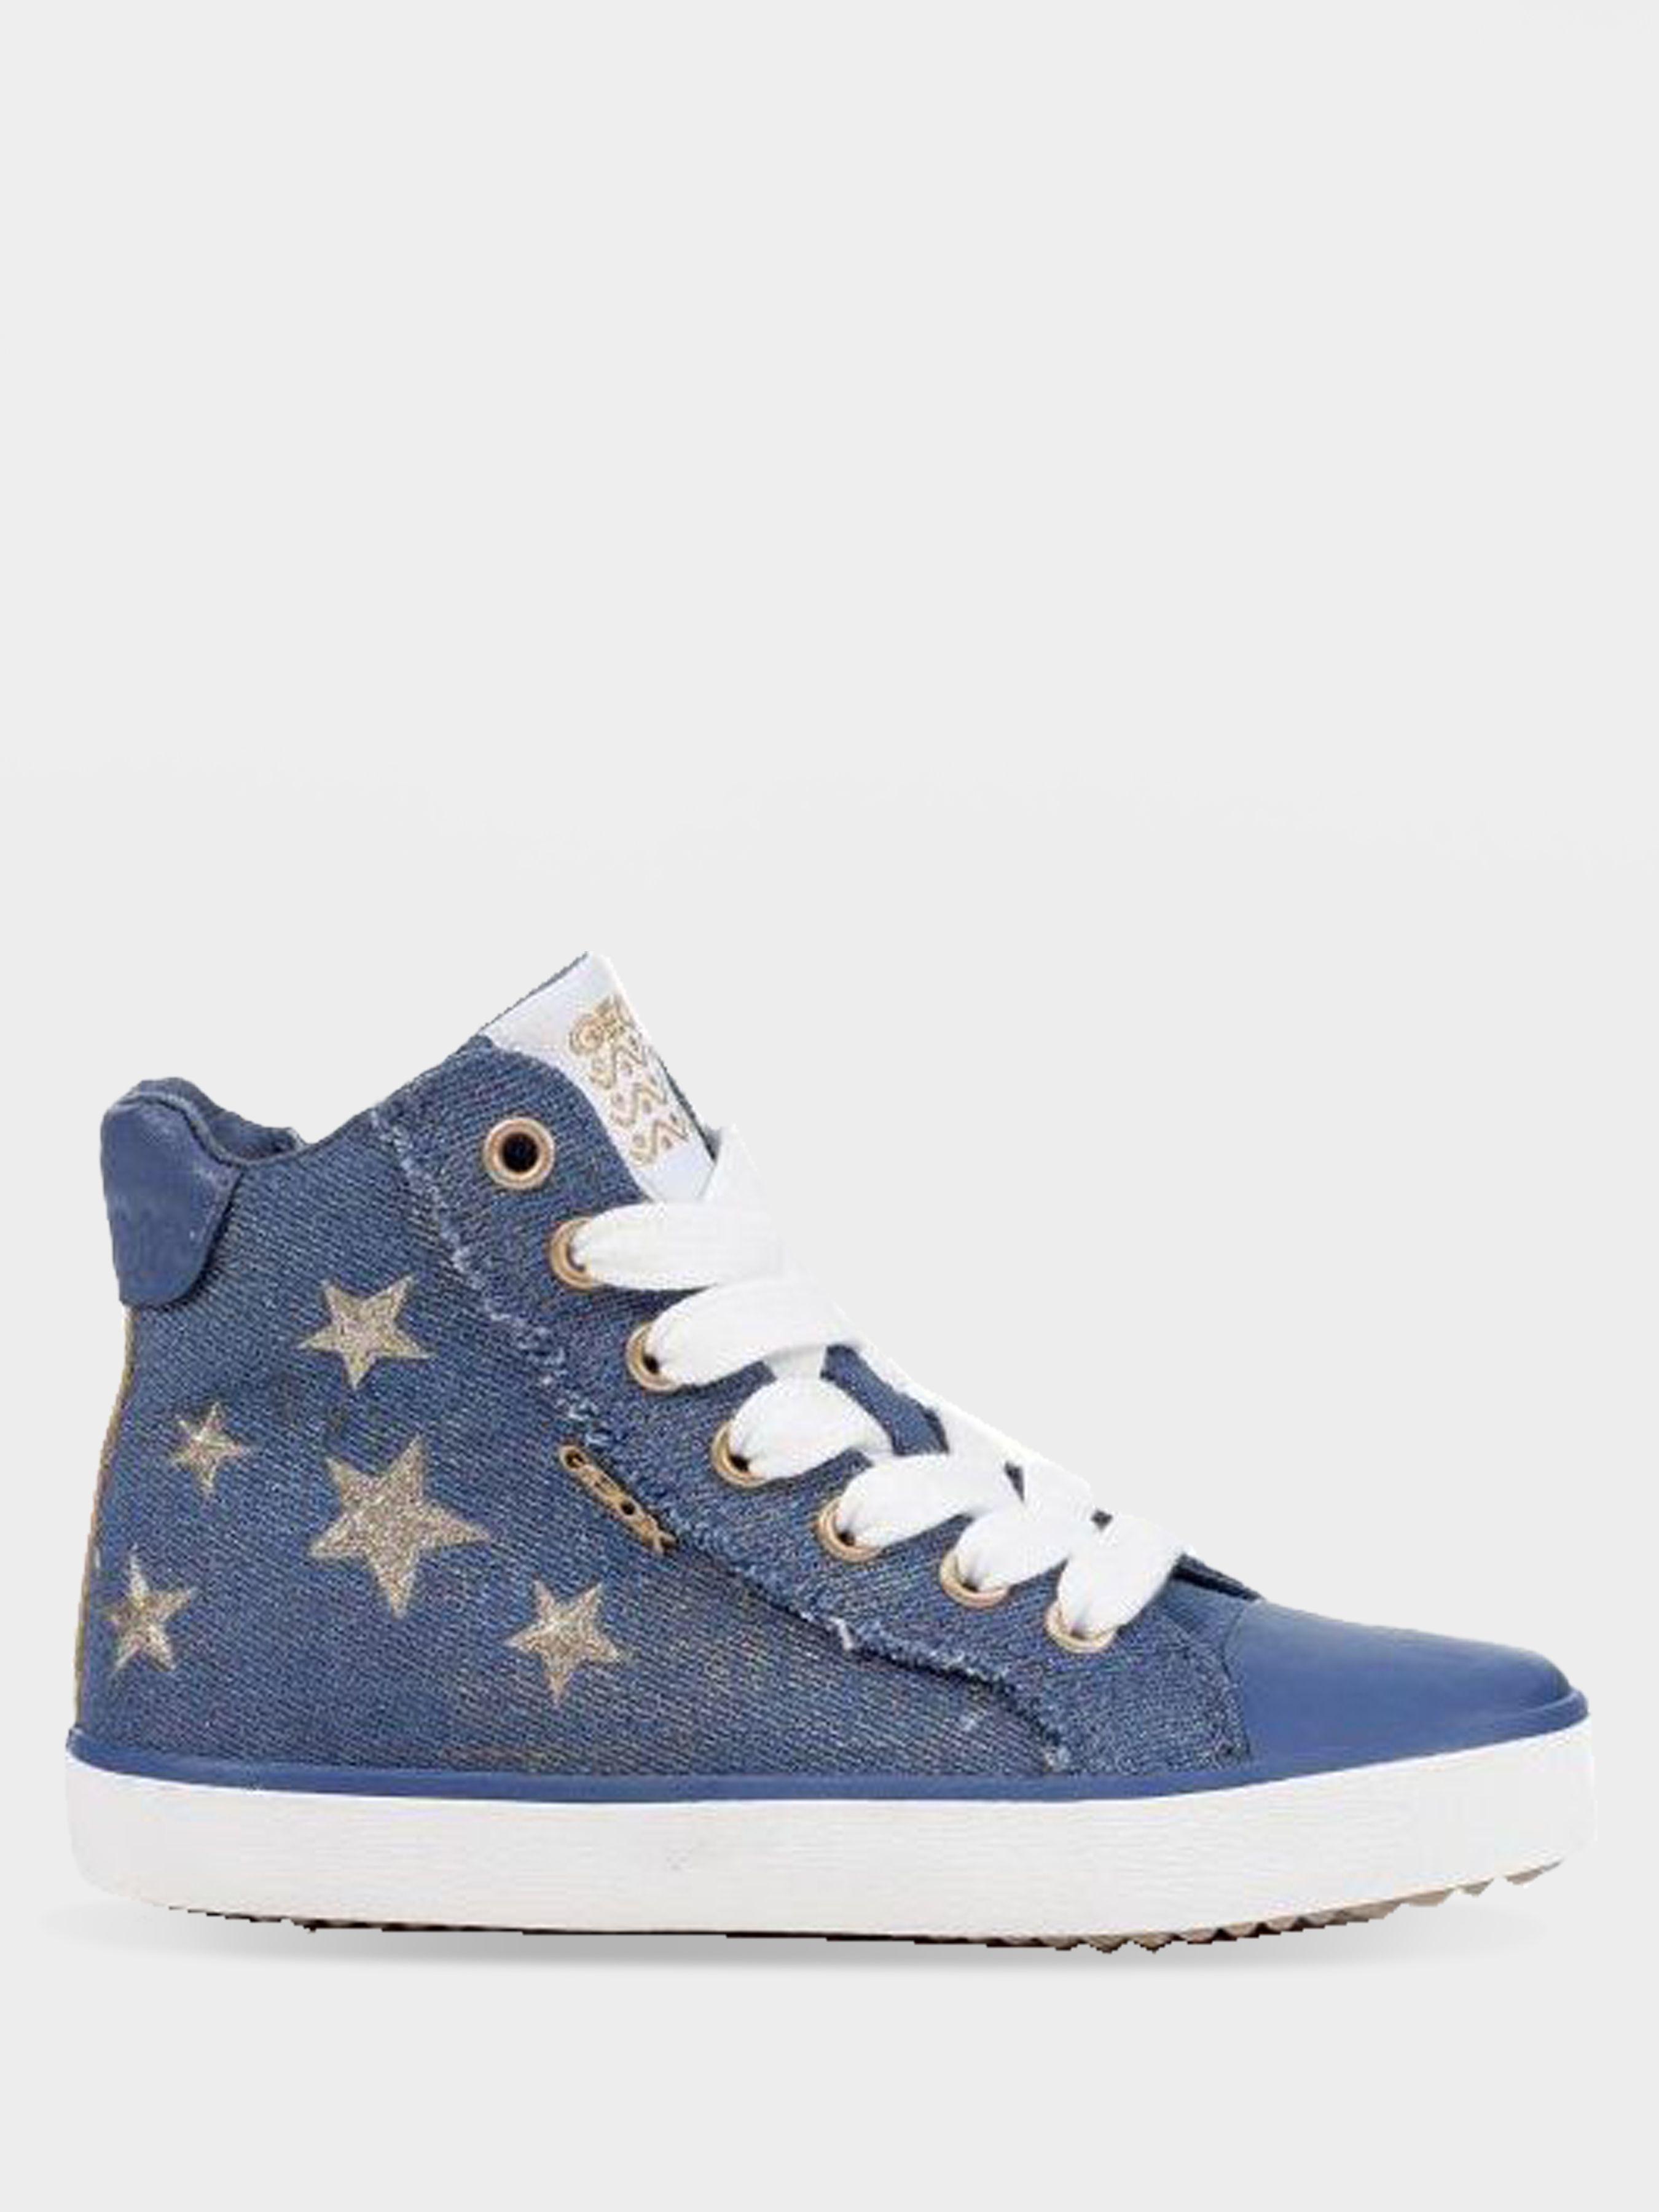 Ботинки детские Geox J KILWI G. C - JEANS PERL. XK5782 брендовая обувь, 2017